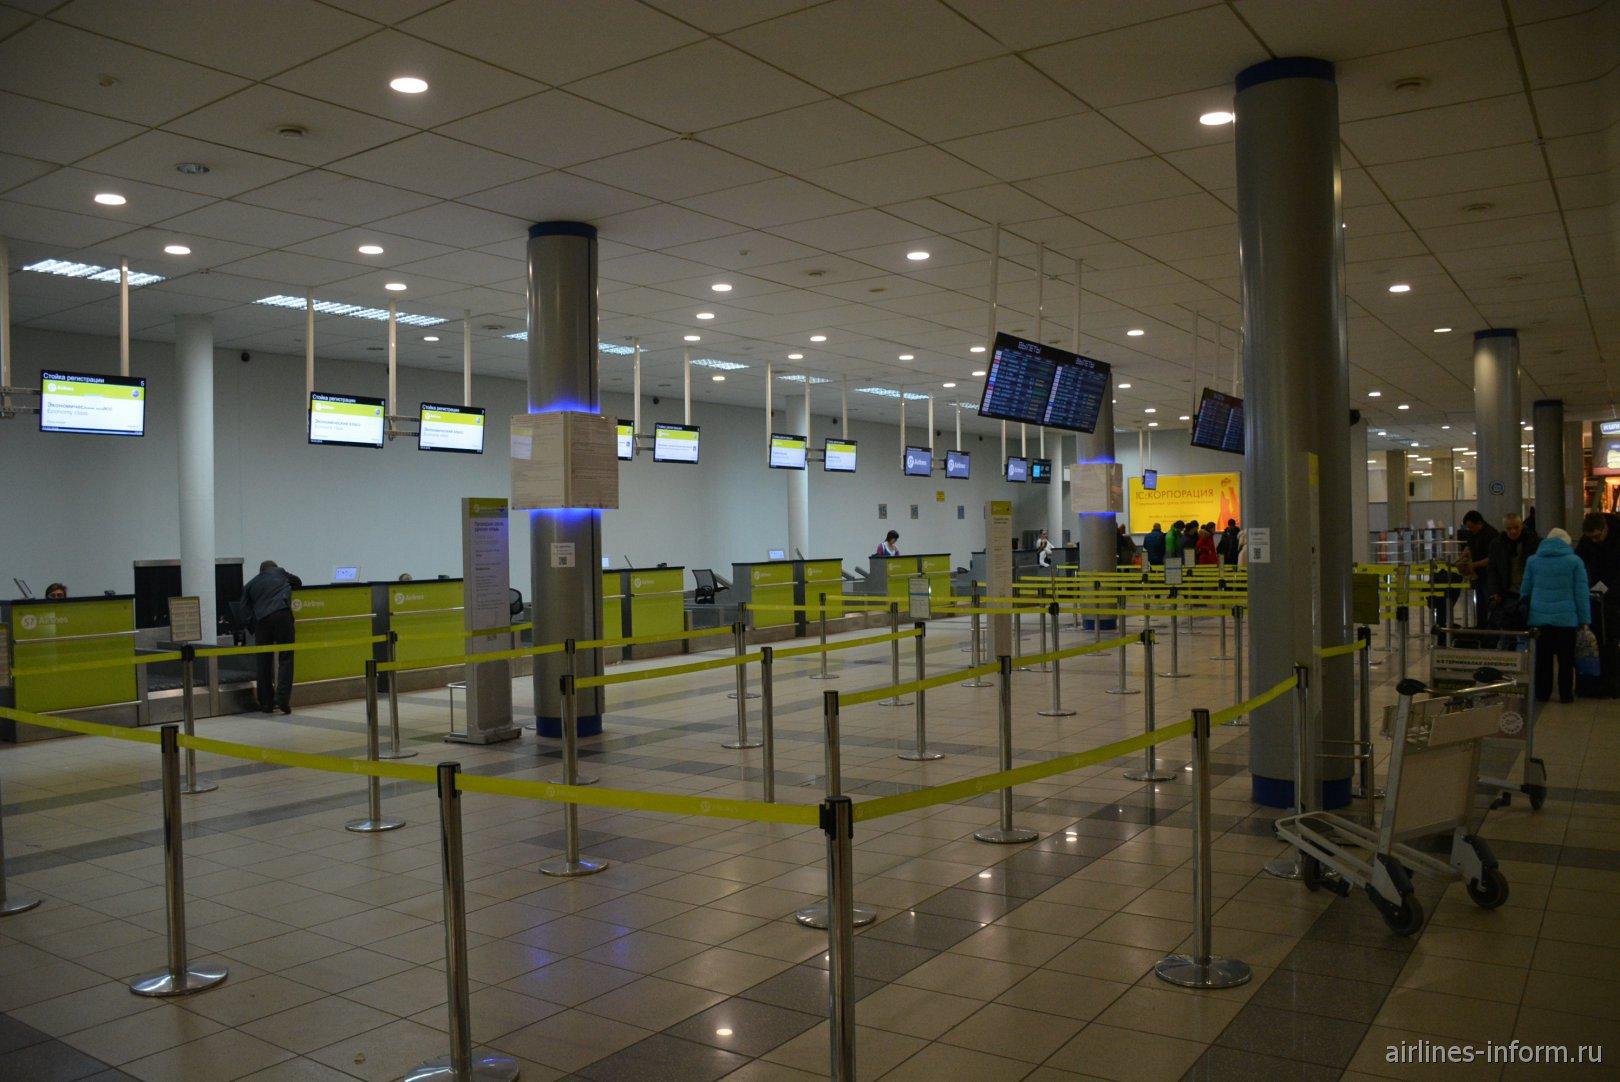 Зона регистрации авиакомпании S7 Airlines в аэропорту Новосибирск Толмачево